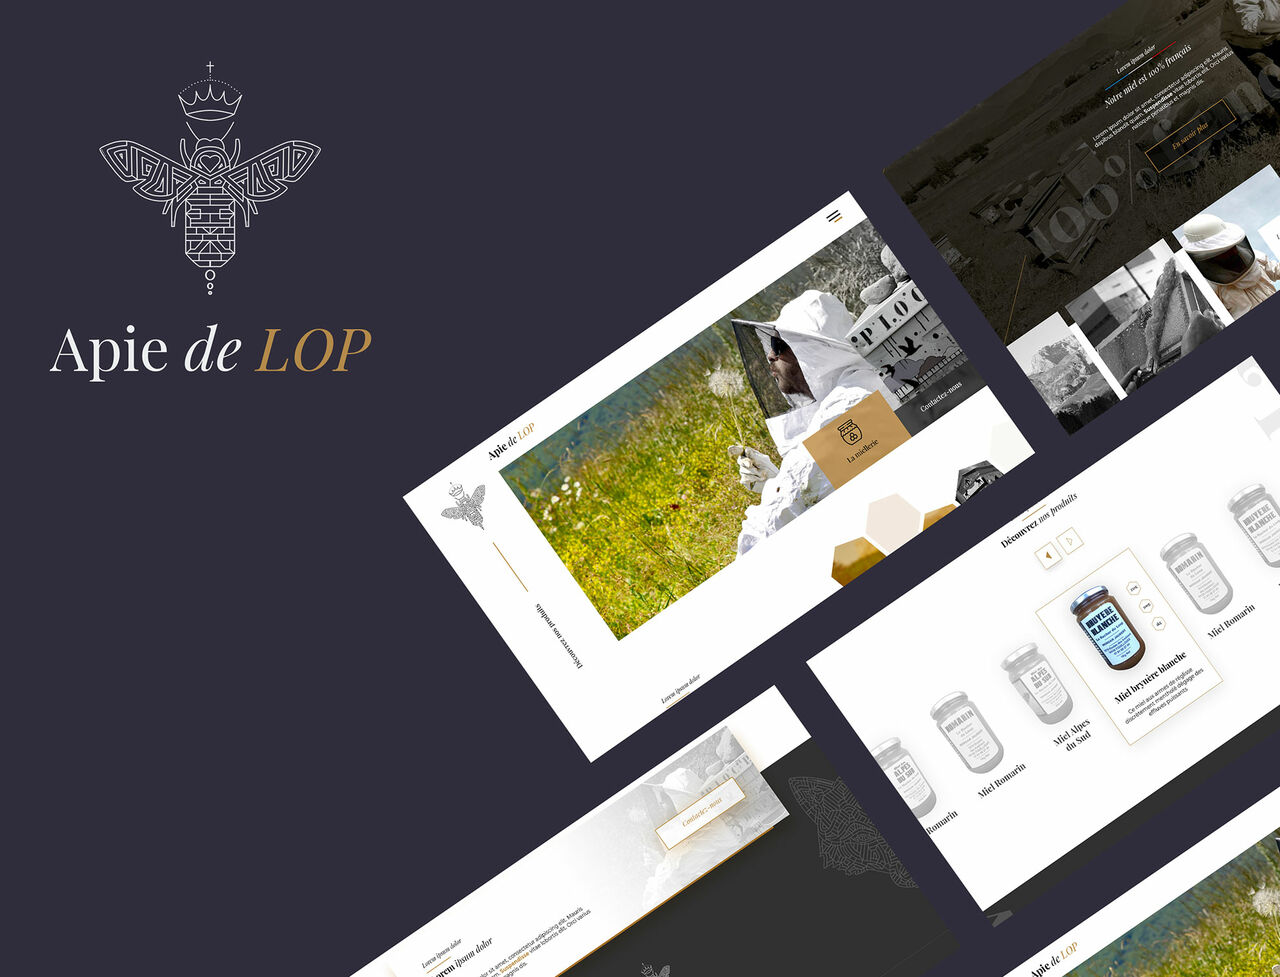 Apie de LIP - Webdesign